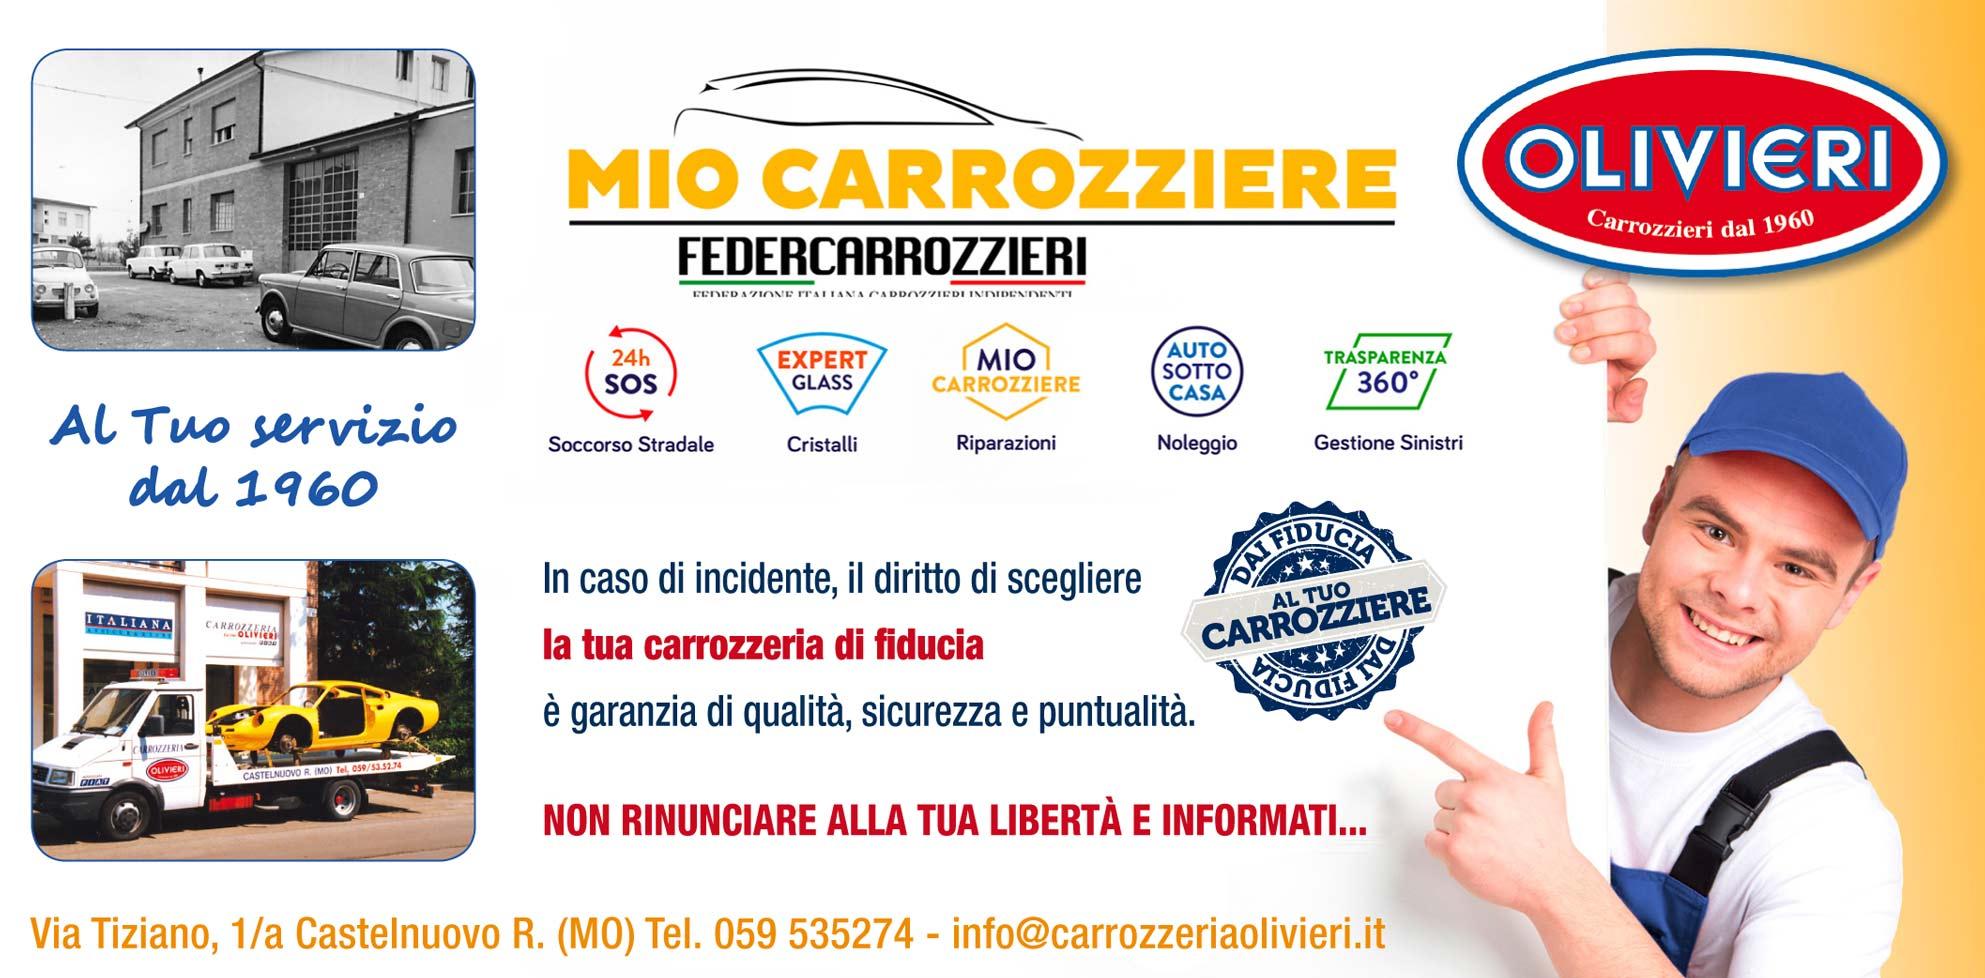 pubblicità carrozzeria olivieri modena